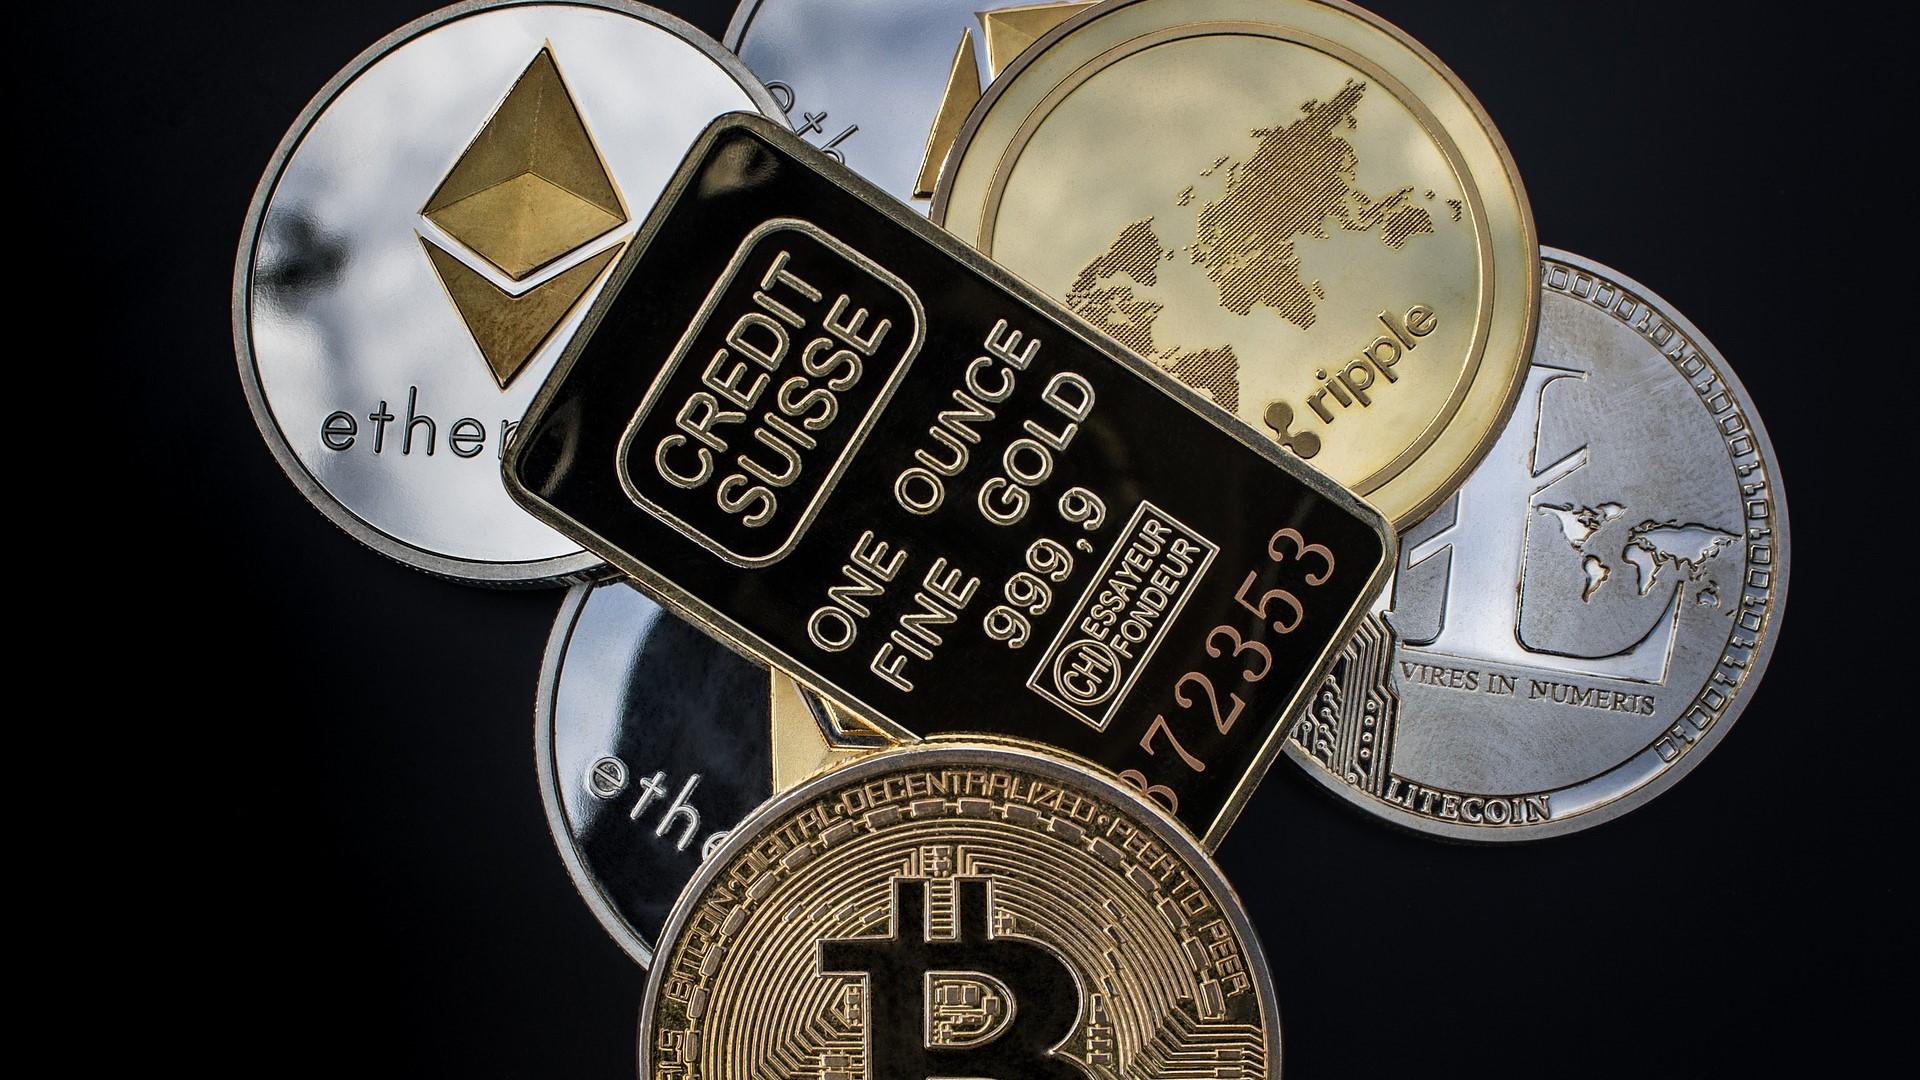 Währungswettbewerb: Erneutes Interesse an Kryptowährungen